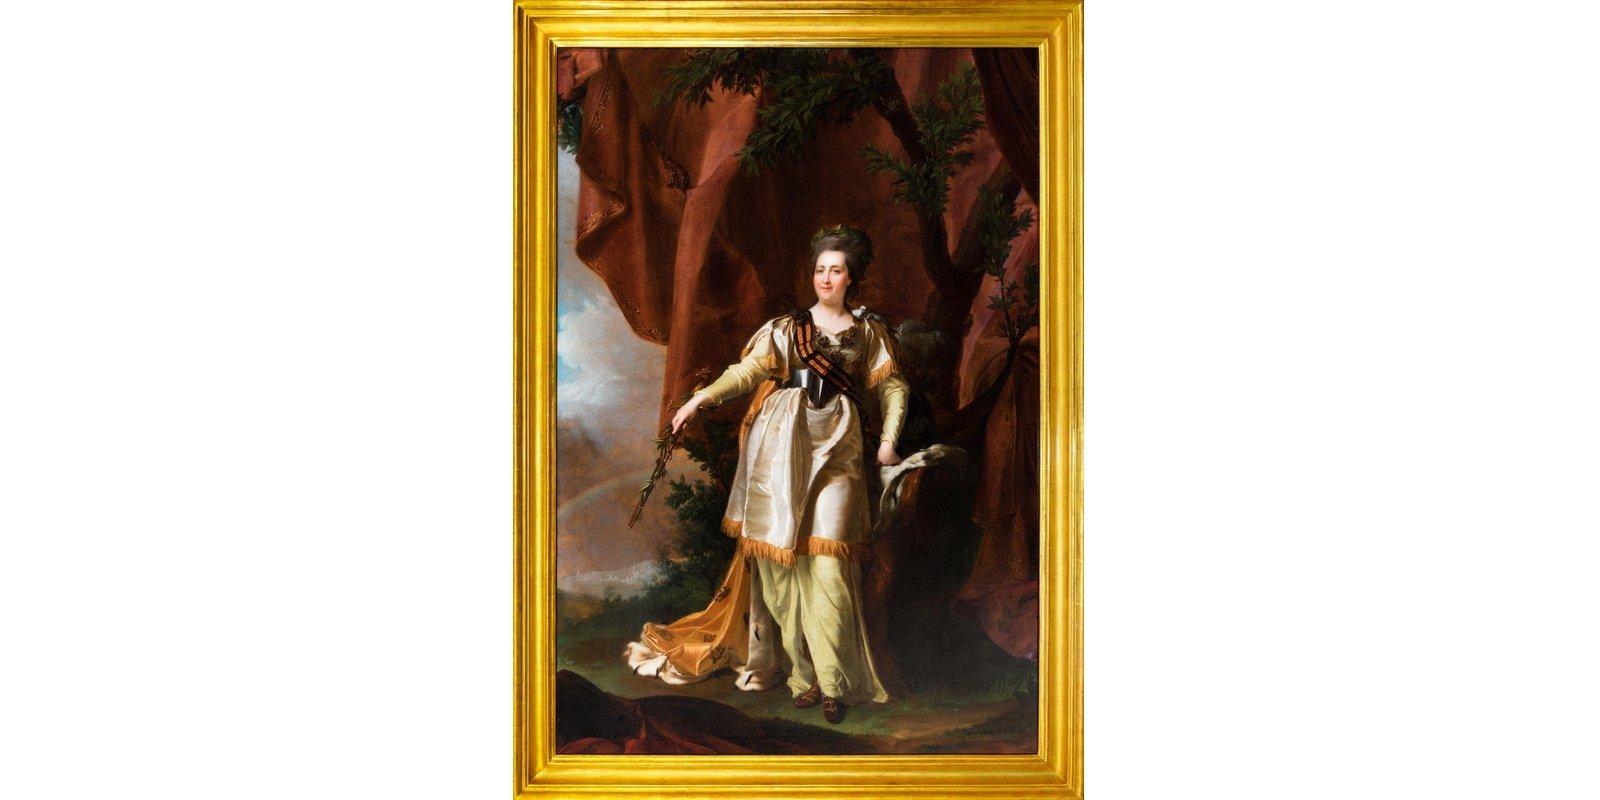 Д.Г. Левицкий. Портрет Екатерины Великой с георгиевской лентой. 1787 год